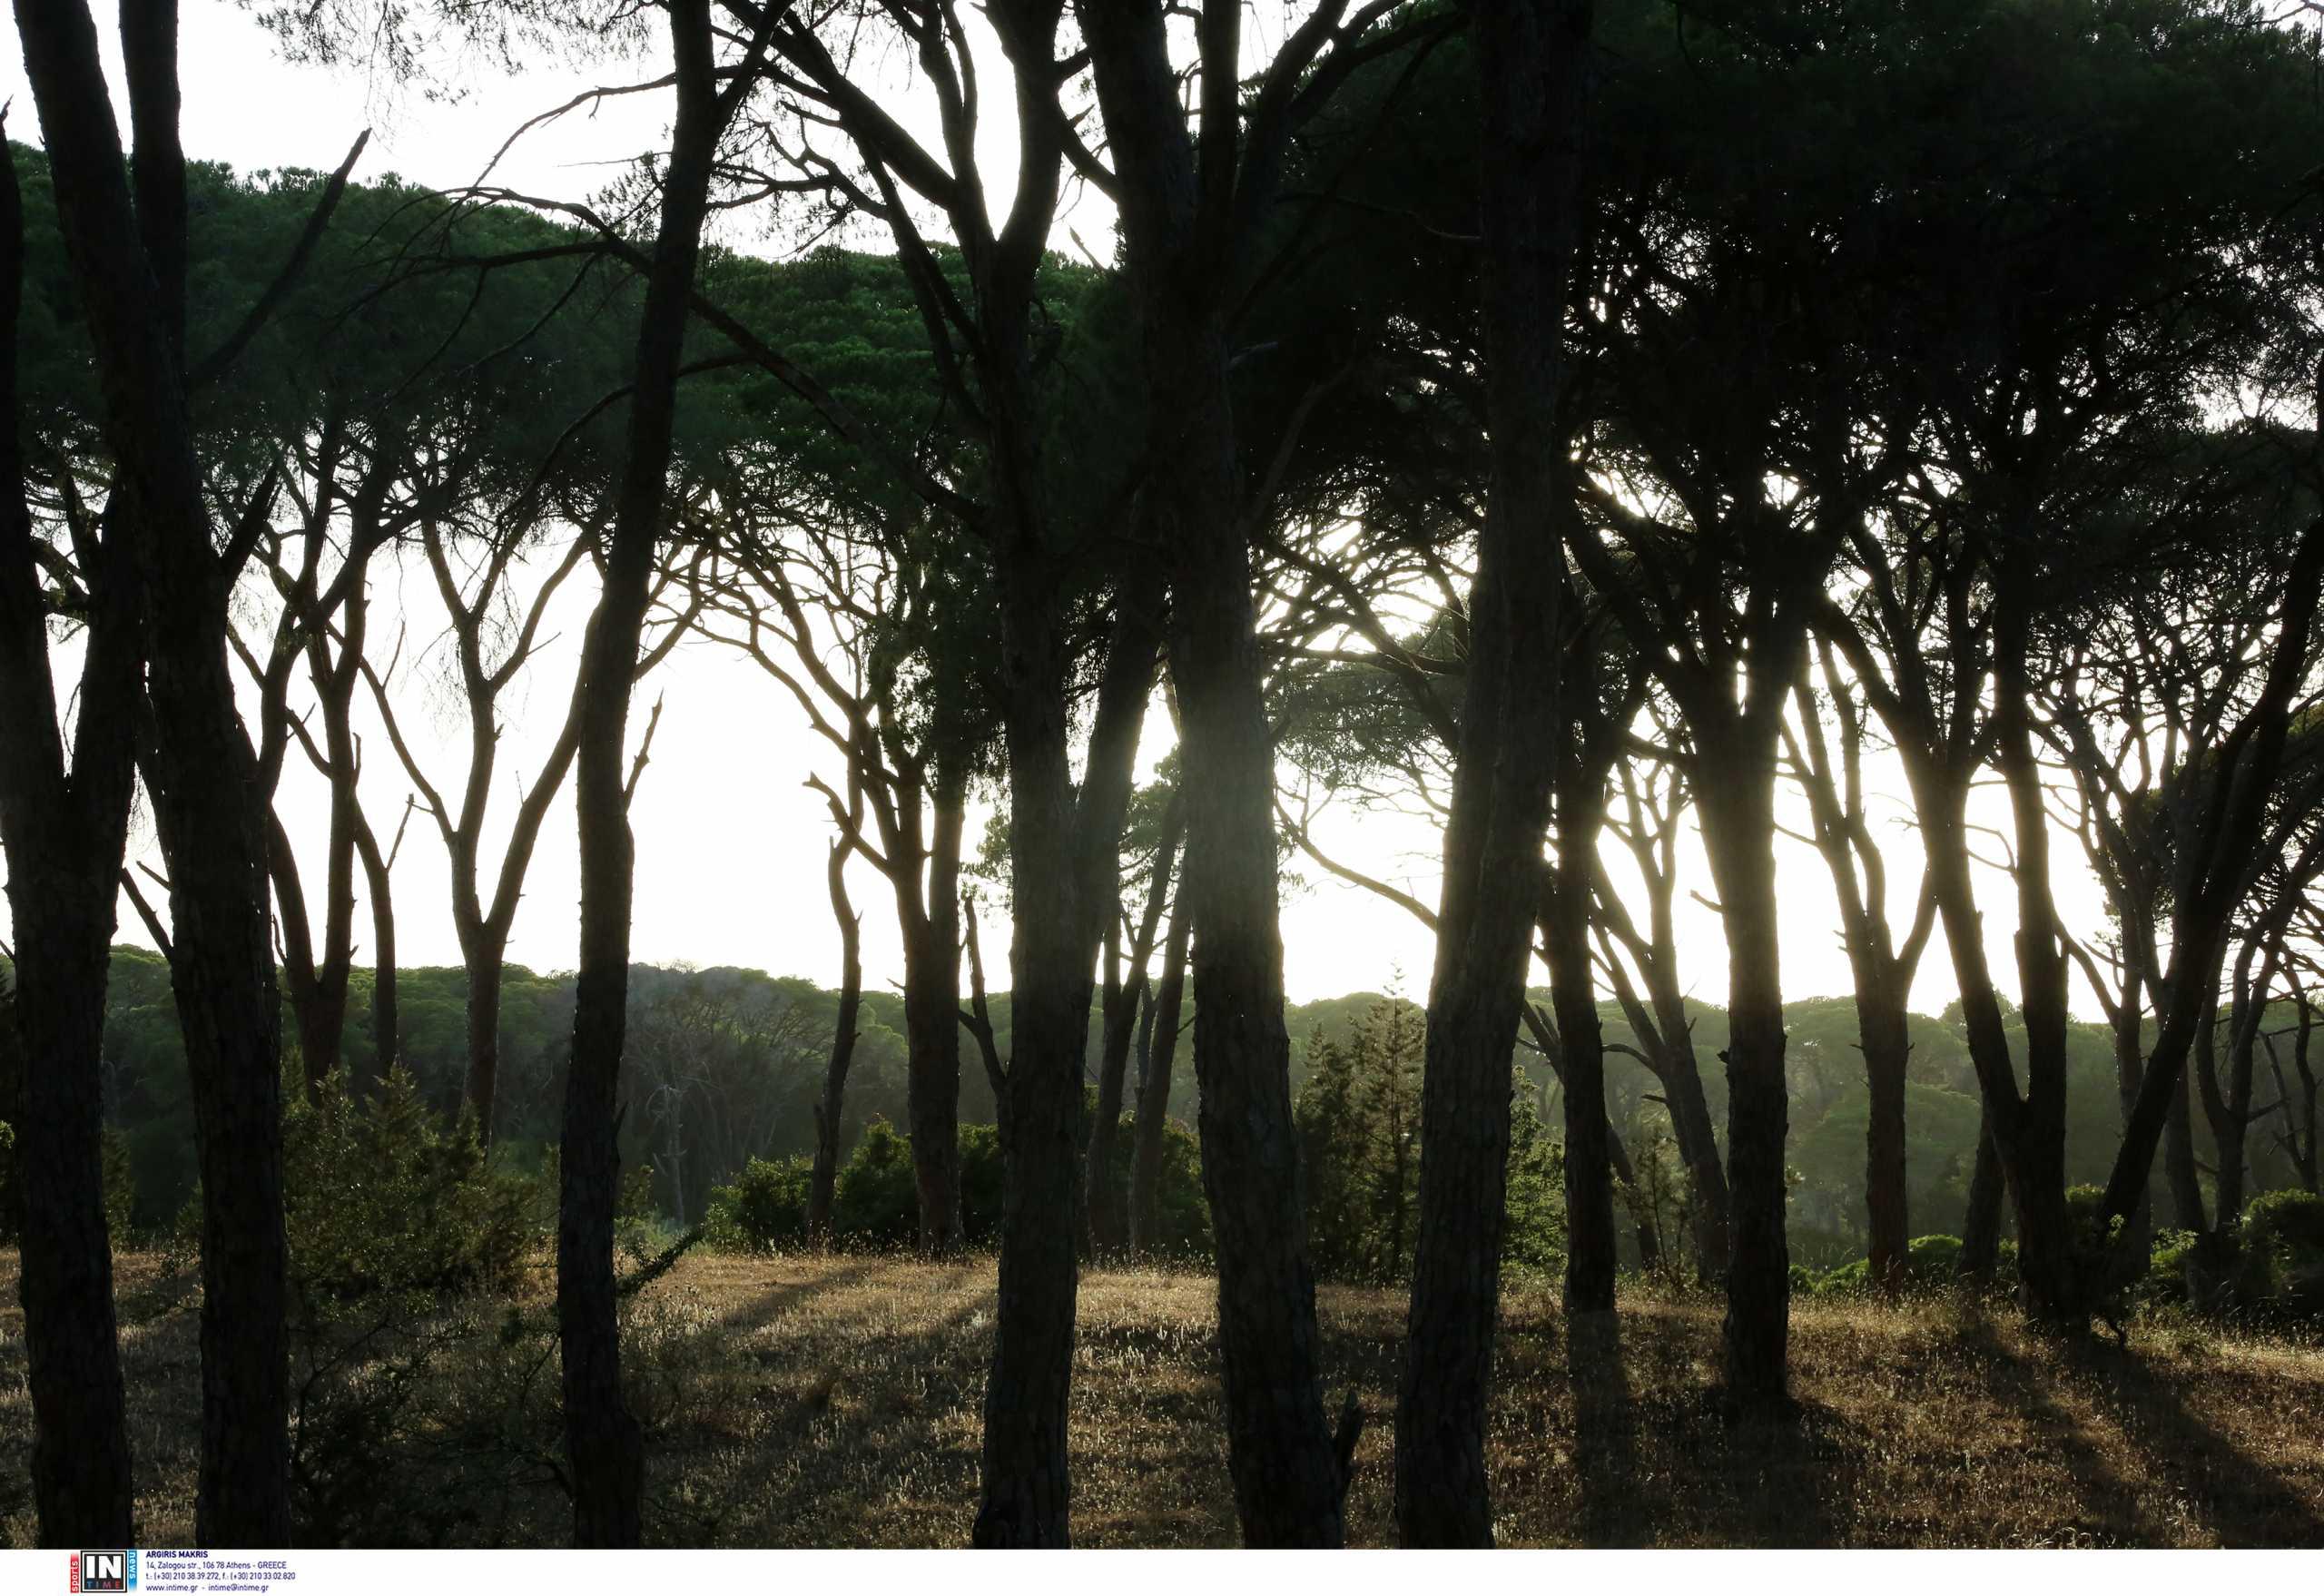 Ηλεία: Εντοπίστηκε ζωντανή κάτω από ένα δέντρο η Γερμανίδα τουρίστρια που είχε εξαφανιστεί